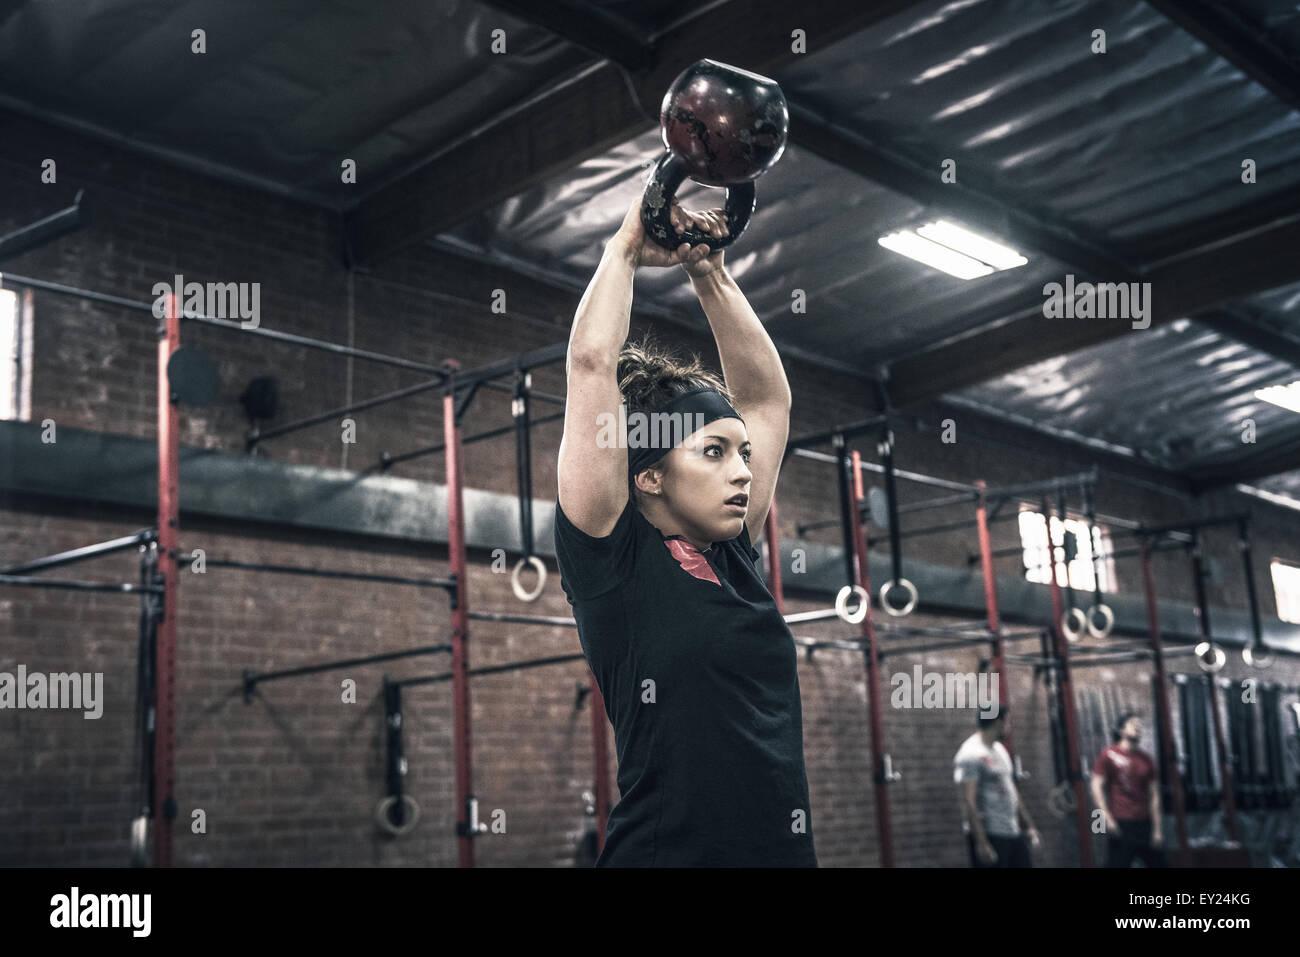 Mujer joven sosteniendo hervidora campanas de gimnasio Foto de stock